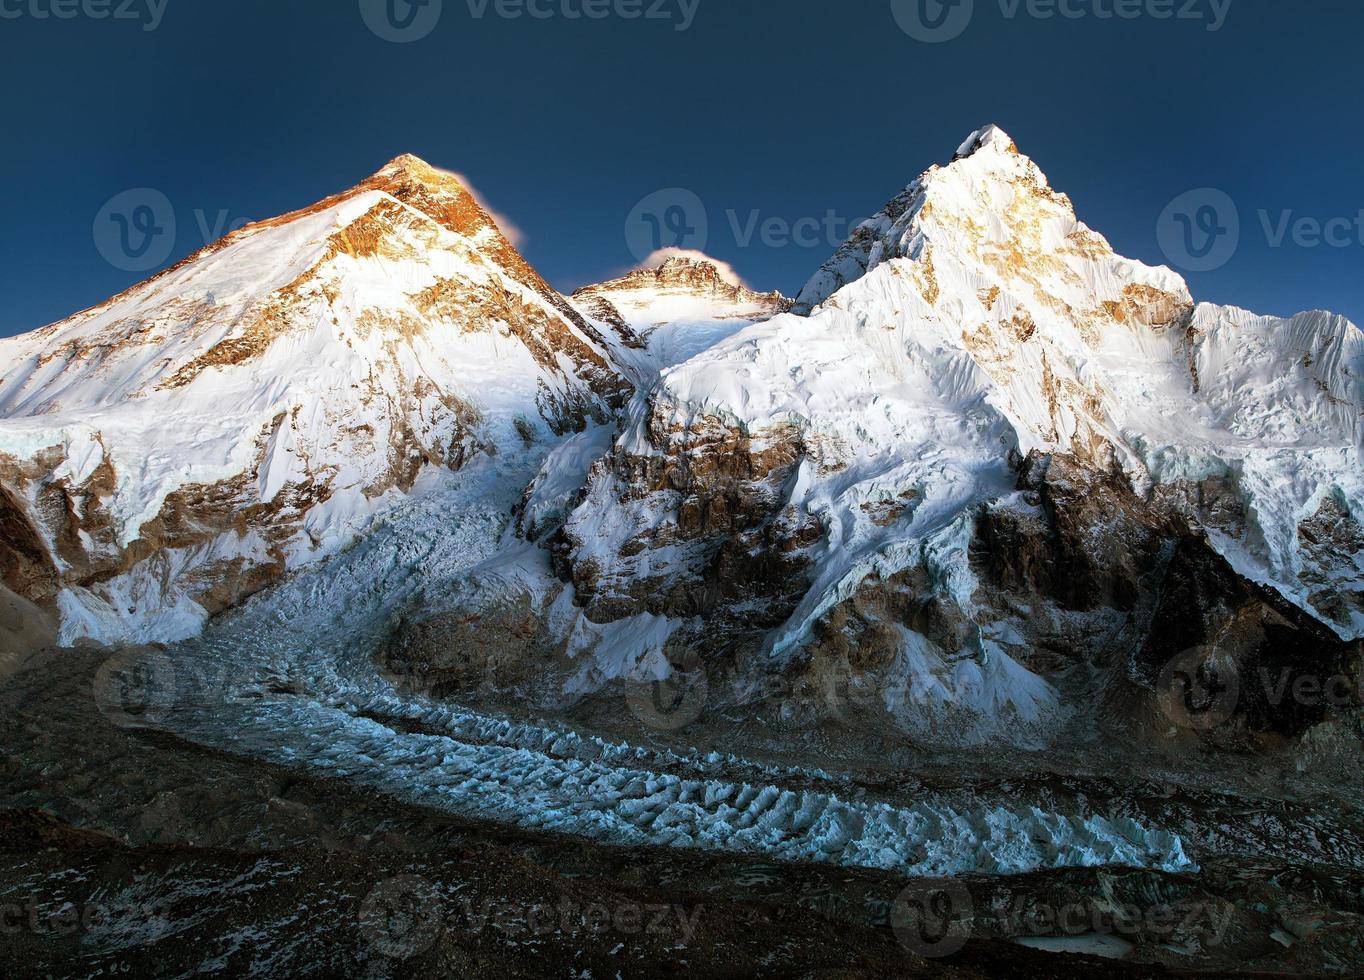 vista nocturna del monte everest, lhotse y nuptse foto